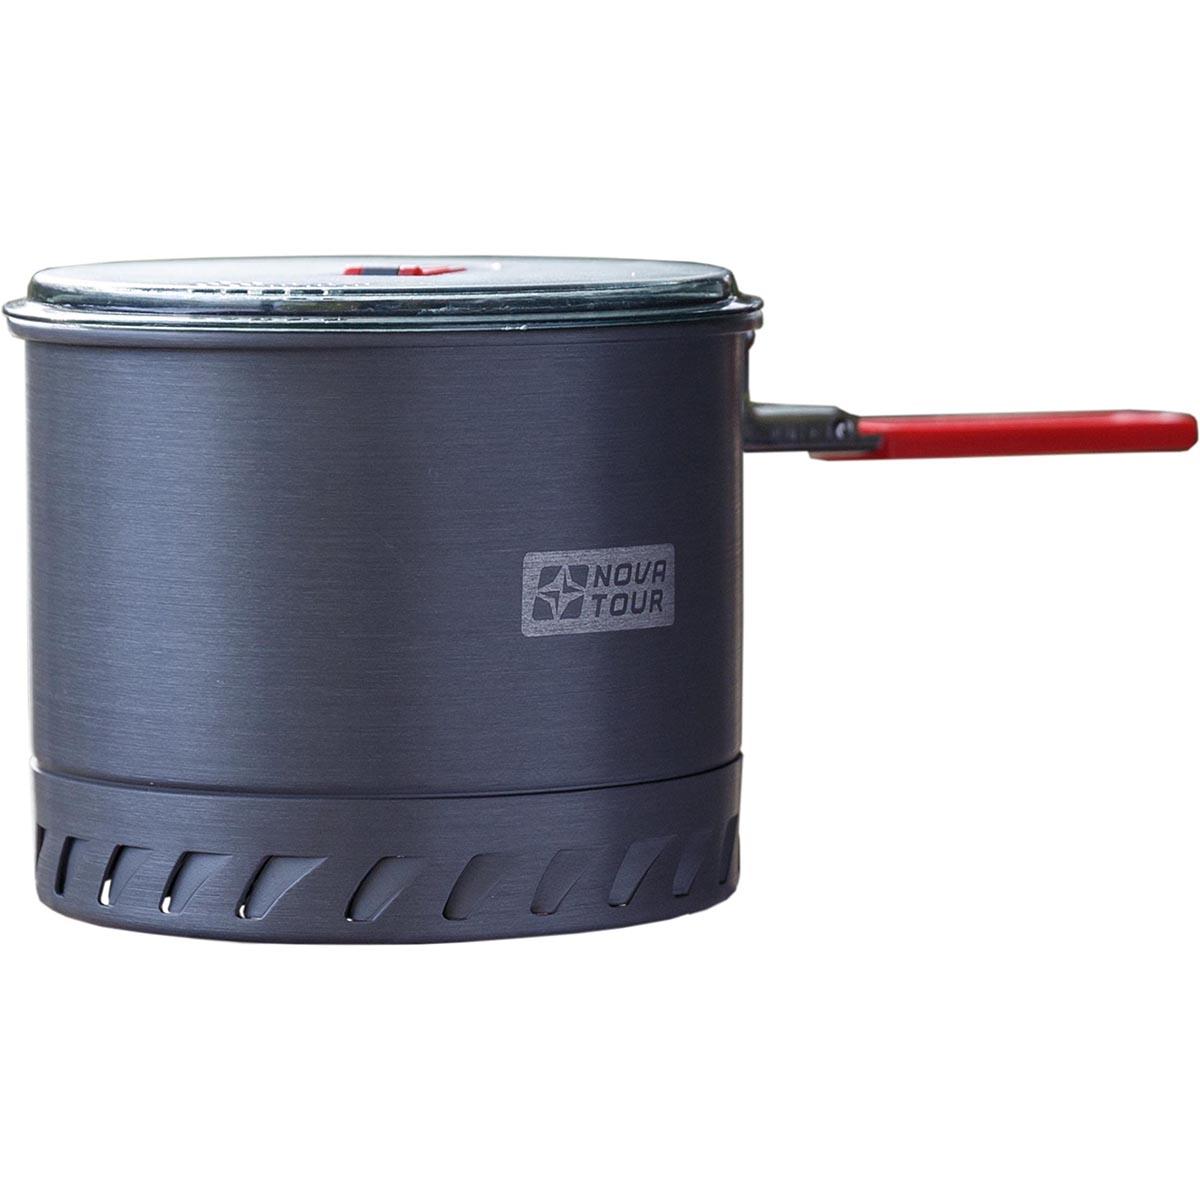 Кастрюля NOVA TOUR Инферно 1,4л, цвет: металлик, красный, 0,4л95806-000-00Удобная кастрюля объемом 1,4л с радиаторным кольцом на дне, которое позволяет экономить до 50% топлива и уменьшить время приготовления пищи. Наличие складной ручки добавляет удобства при использовании, и не увеличивает объем занимаемый кастрюлей при траспортировки. Неопреновая вставка сохраняет тепло и добавляет удобства в эксплуатации.; Назначение и устройство Посуда для горелок Материал Анодированный алюминий Вес (кг) 0,32 Вместимость (л.) 1,4